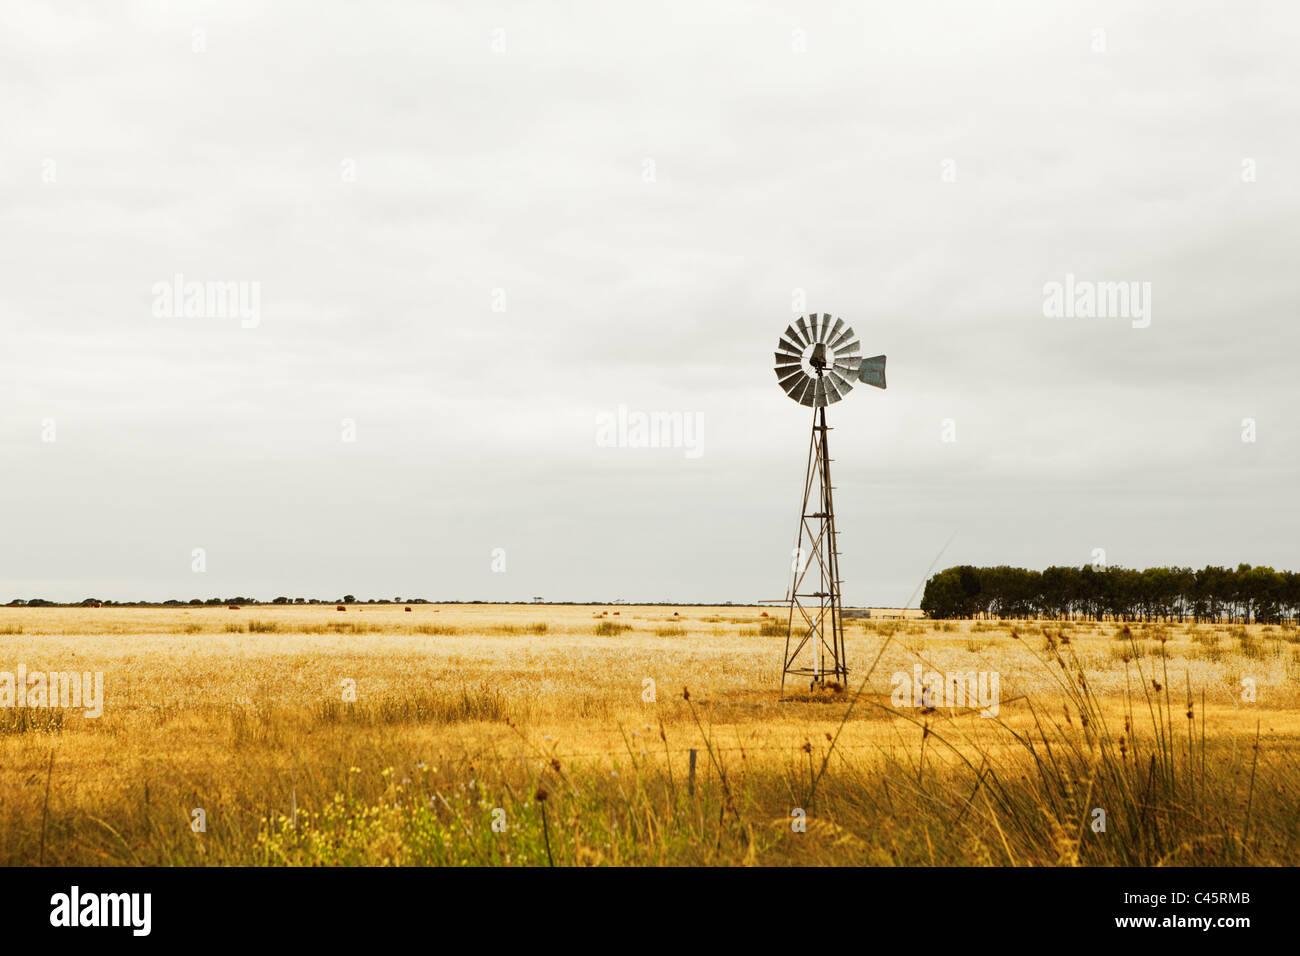 Windmühle auf Weiden in der Nähe von Esperance, Western Australia, Australien Stockbild